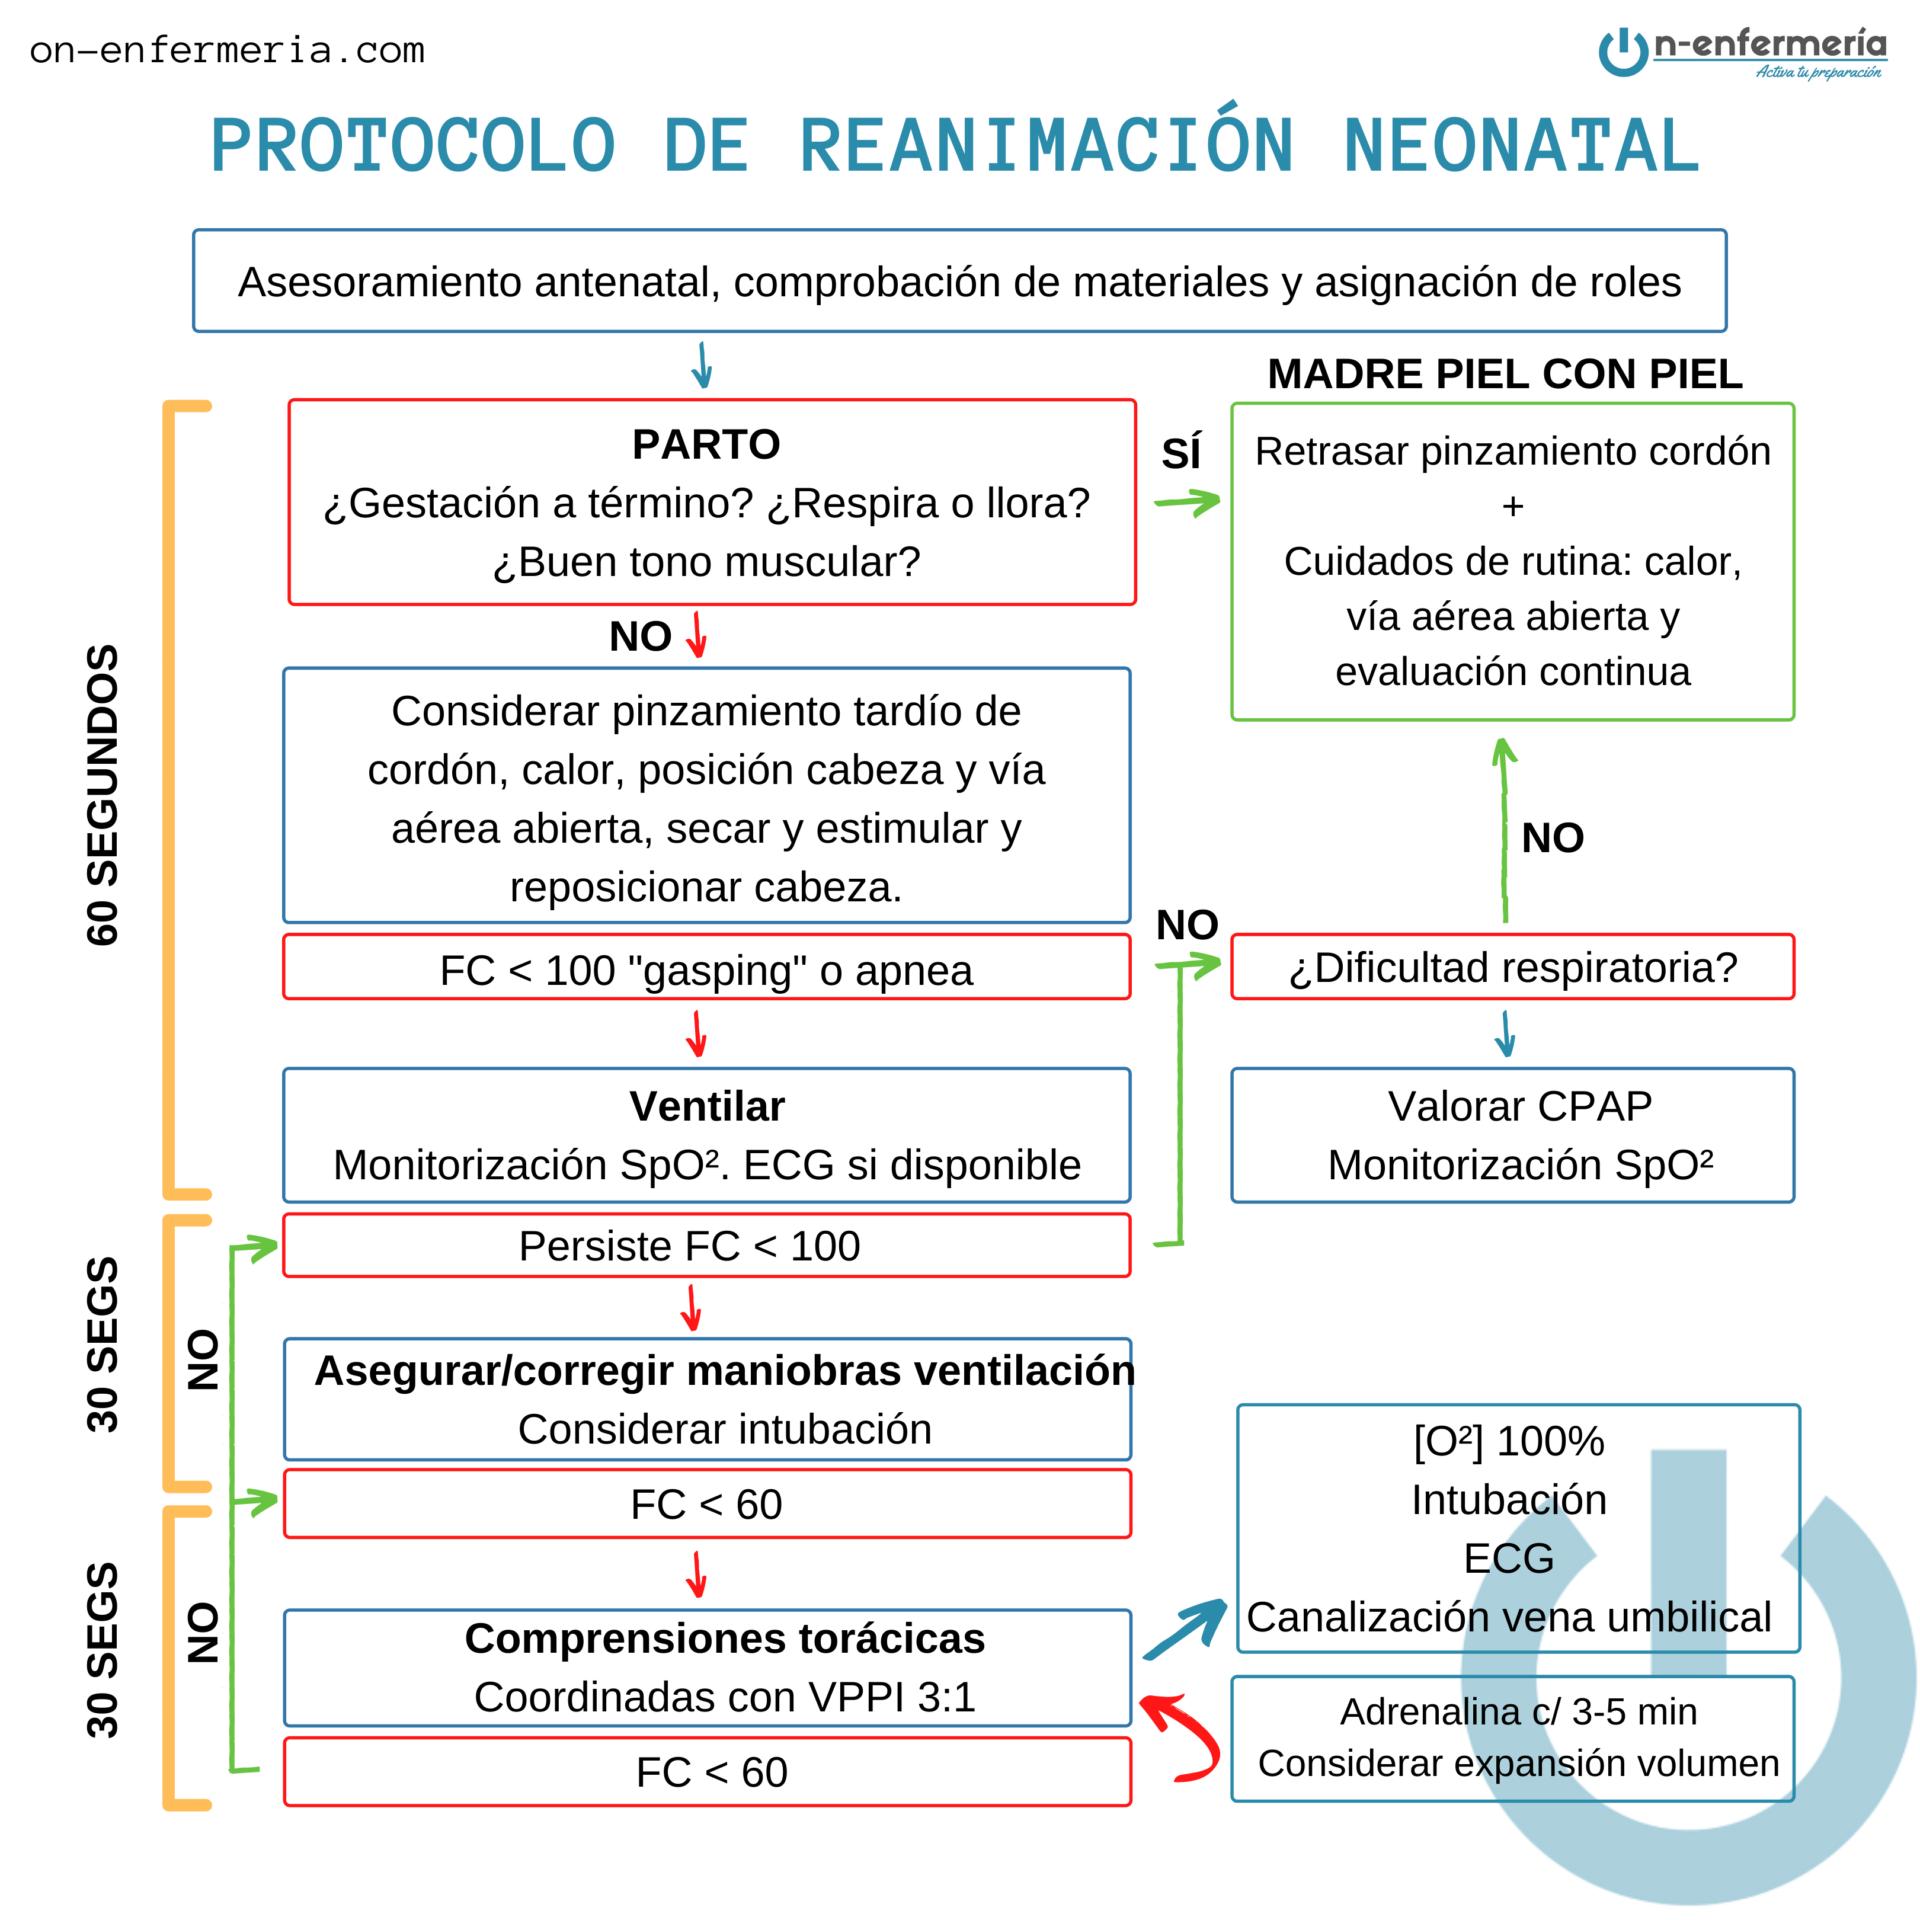 Infografía protocolo de reanimación neonatal